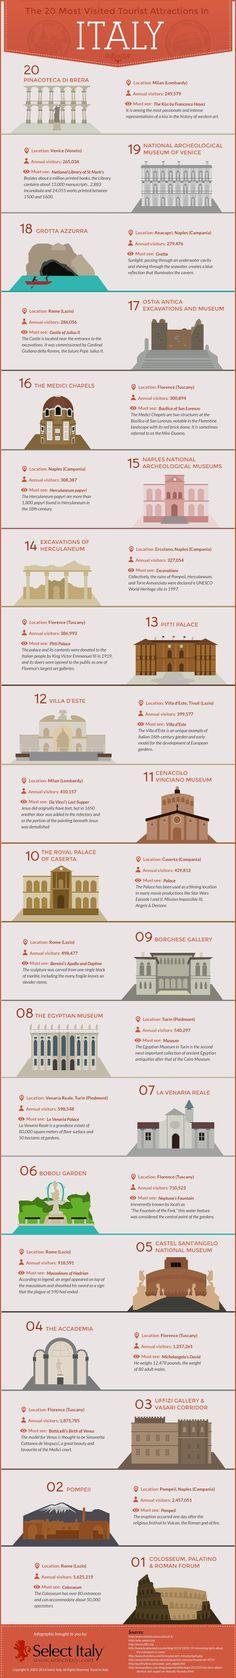 Popular Italian attractions